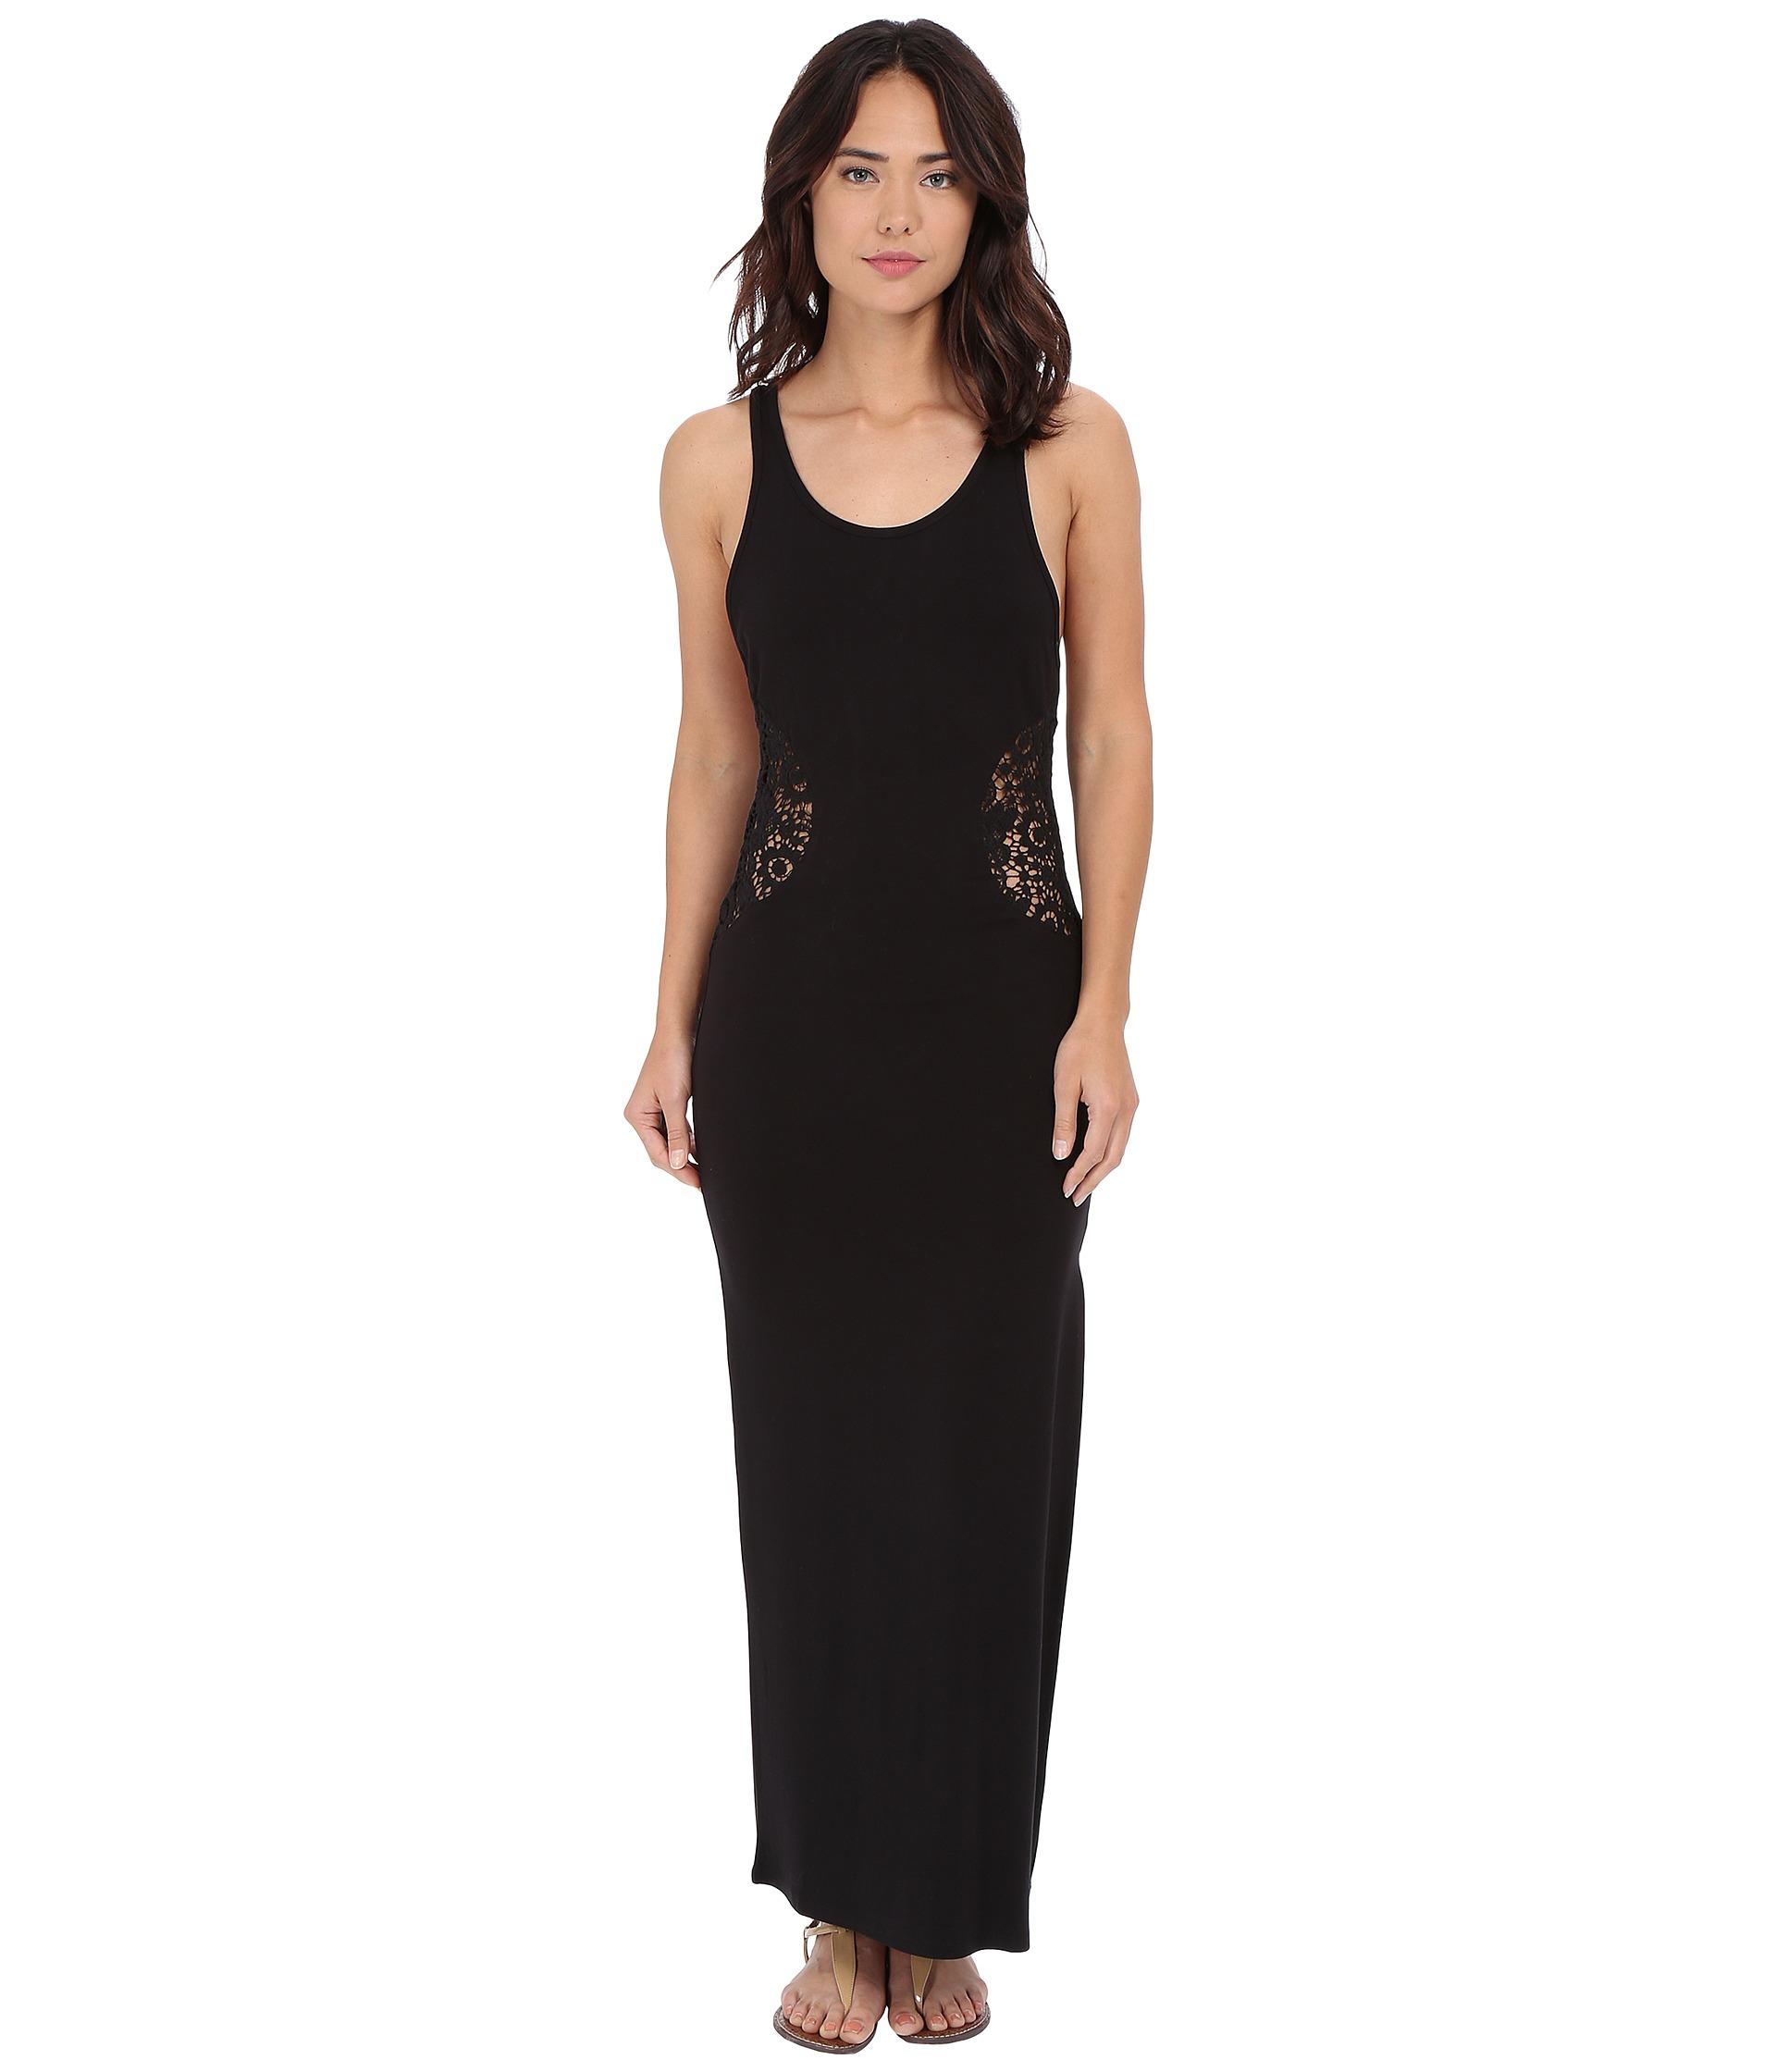 Rip curl Empress Maxi Dress in Black  Lyst